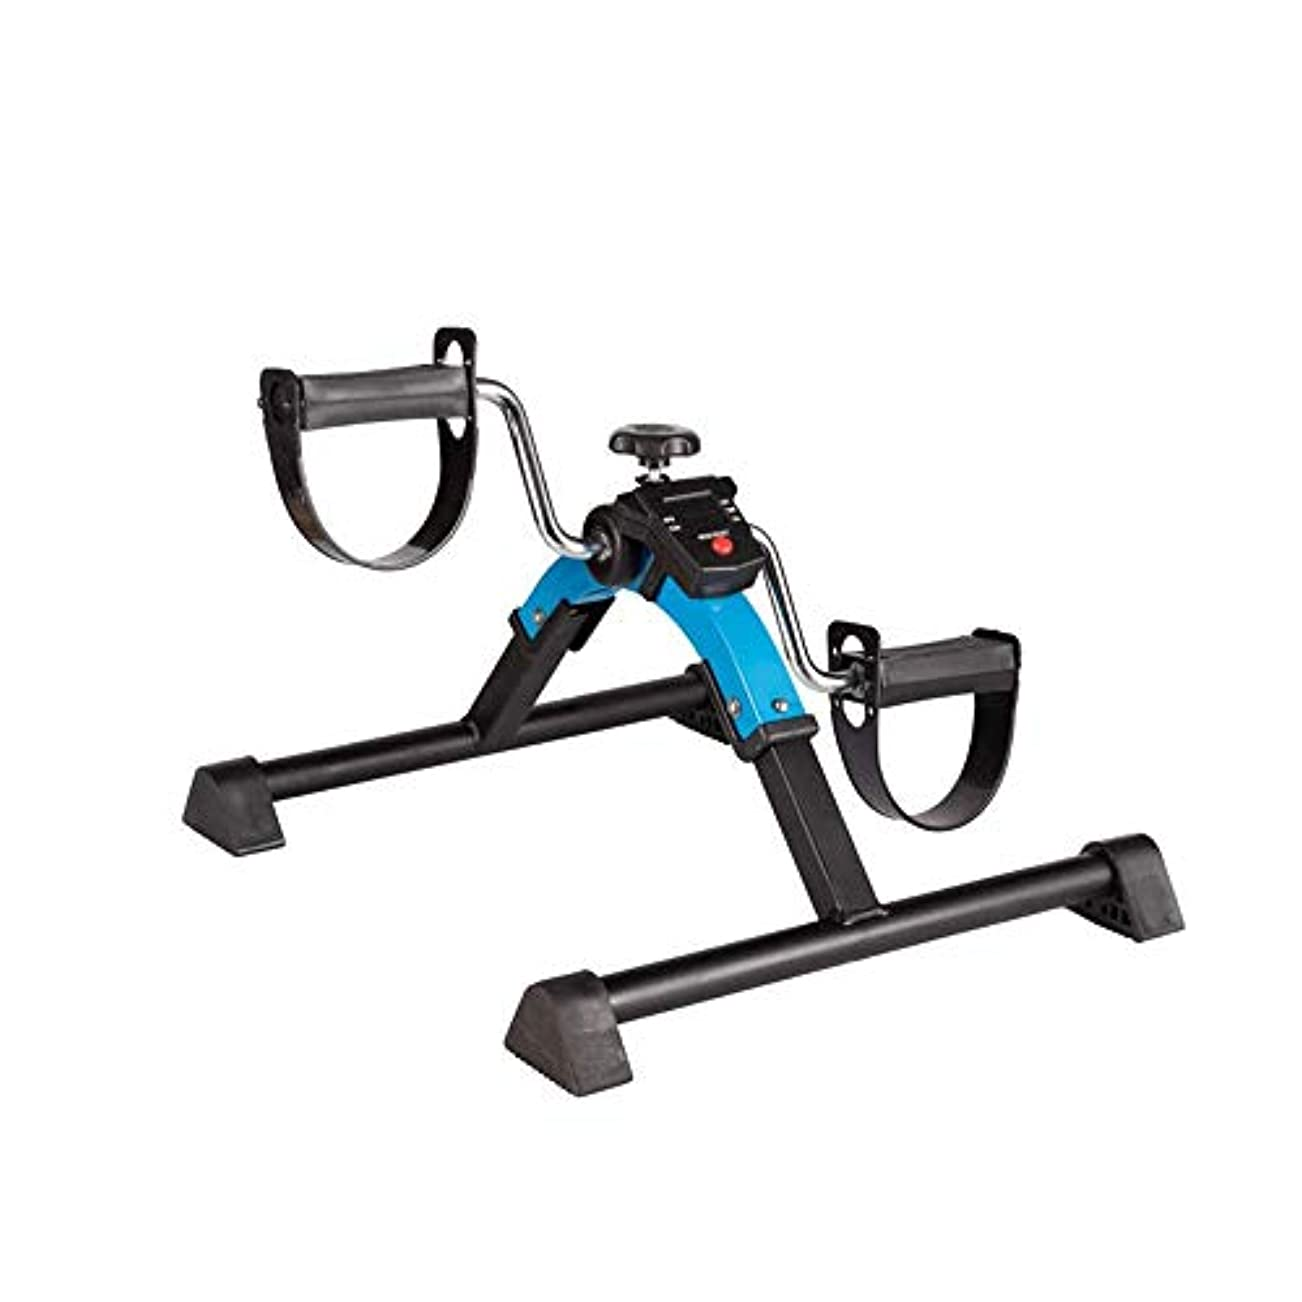 ハンドブック名前命題上肢および下肢エクササイズペダル、レッグマシン、リハビリトレーニング機器、脳卒中、片麻痺、手足、二重使用自転車